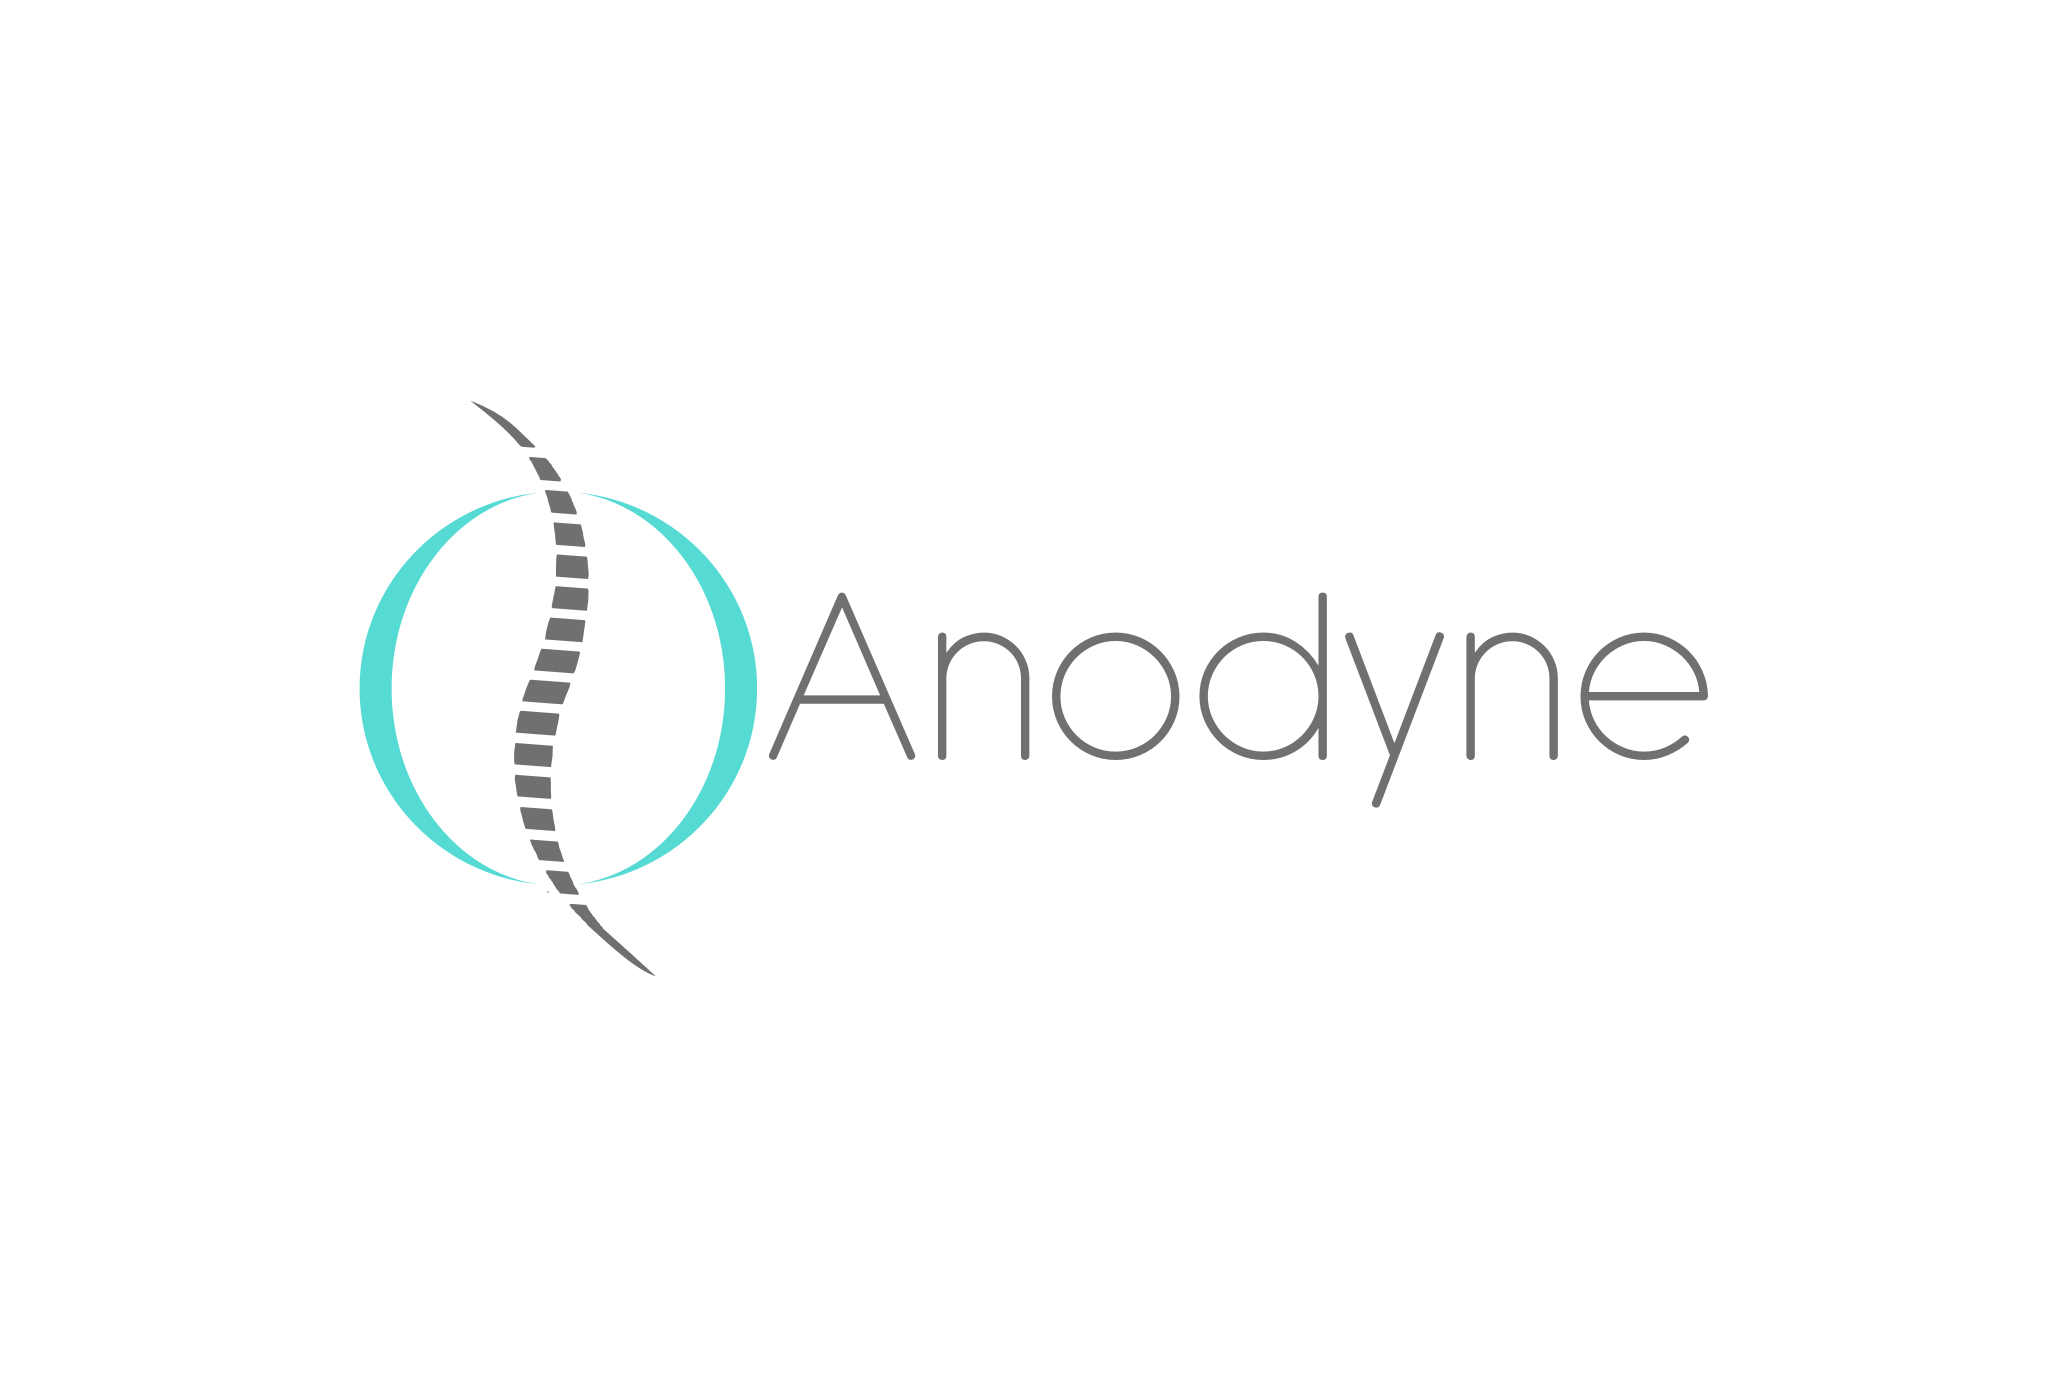 Anodyne shop haltungskorrigierende kleidung reviews read anodyne shop haltungskorrigierende kleidung thecheapjerseys Images